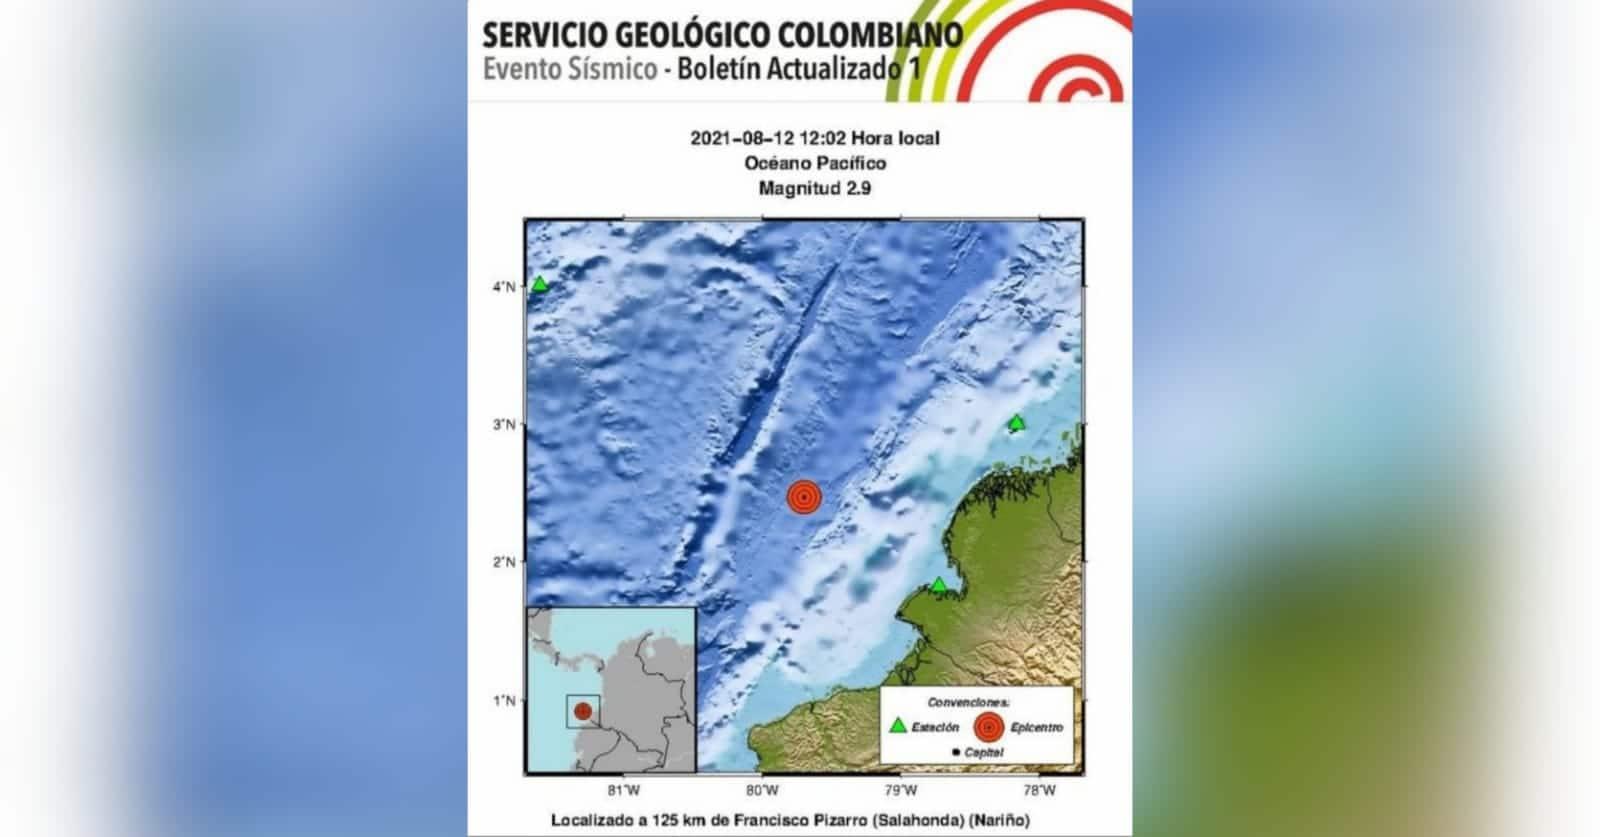 ¡Tembló en el suroccidente colombiano! Registran dos sismos este jueves